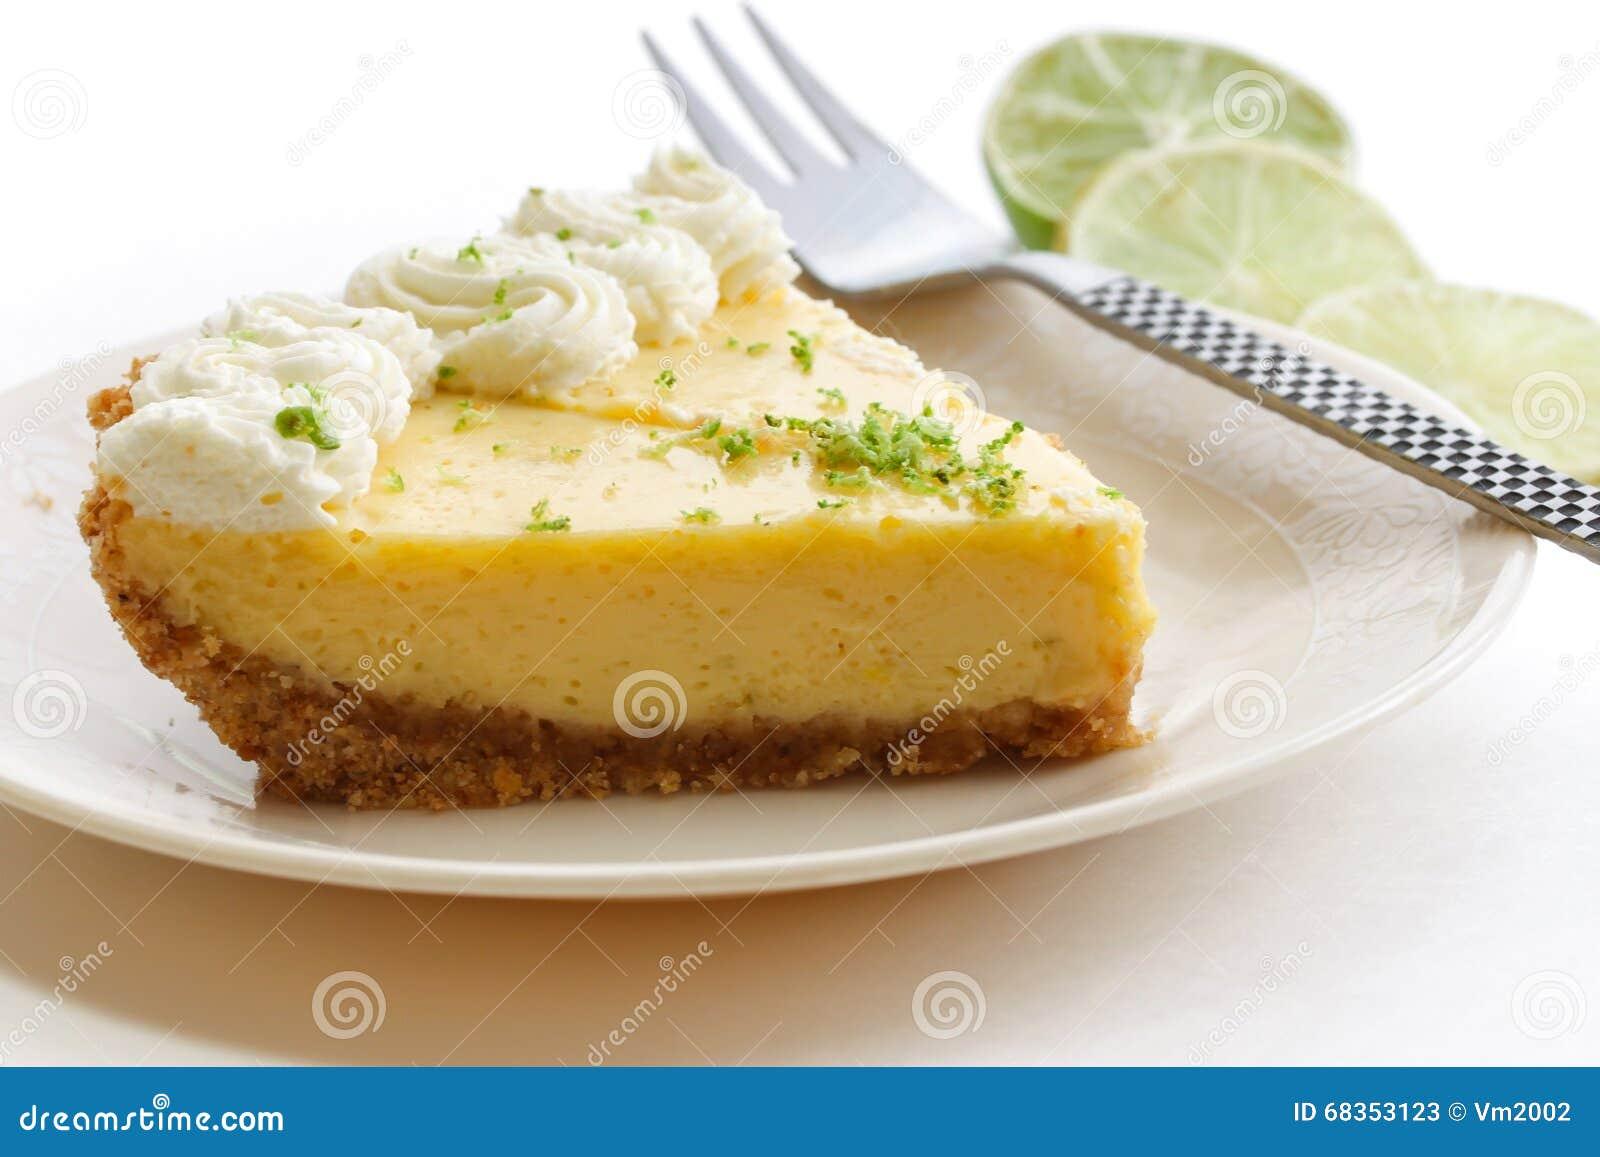 Scheibe einer Torte der echten Limette